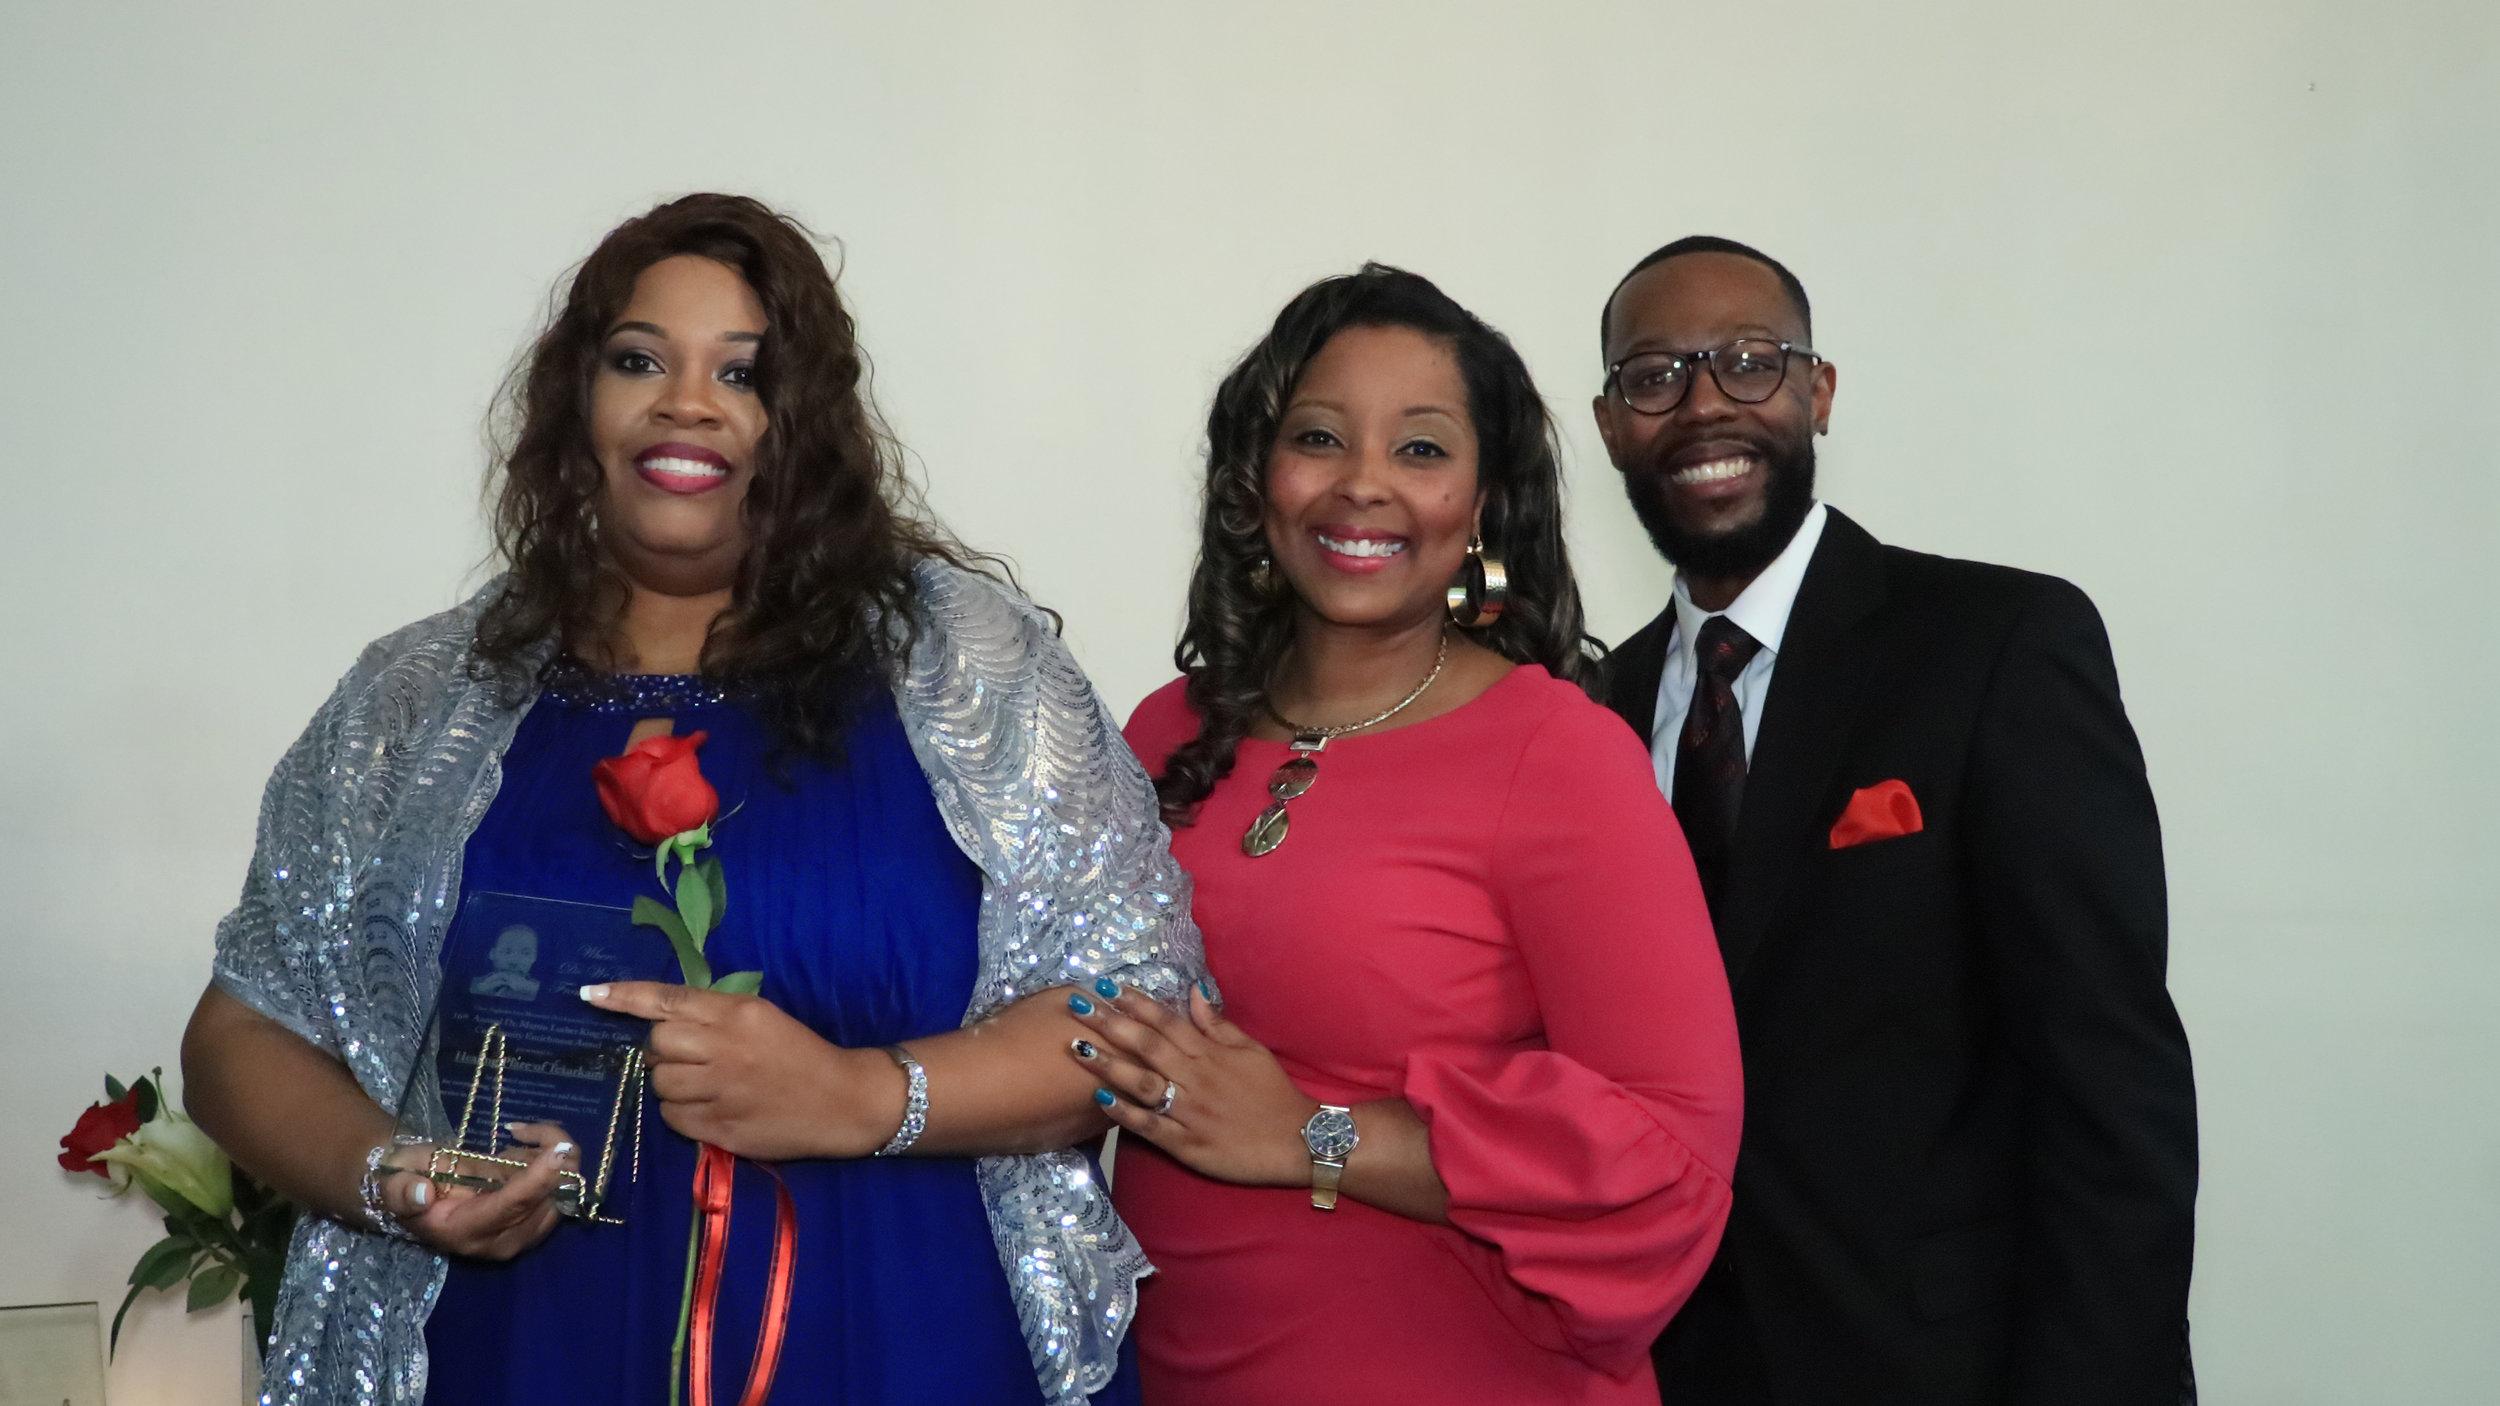 Virginia Howard, Tara Chambers-Givans and Dr. Brian Matthews